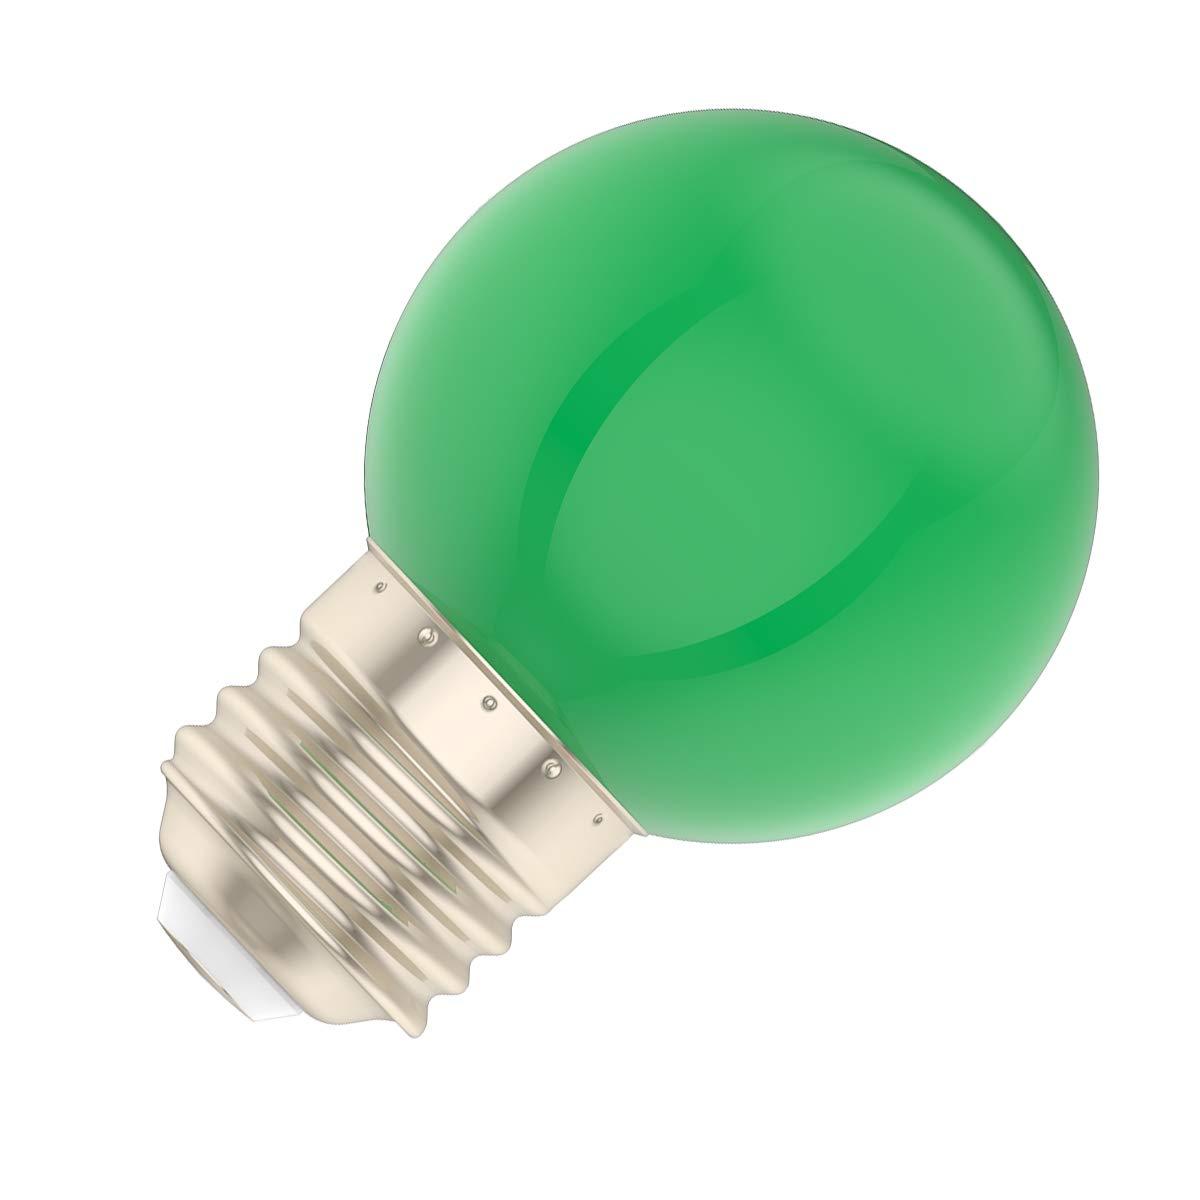 Paquet de 10 Ampoule LED de couleur 1W Ampoules /à vis E27 pour mariage Halloween F/ête De No/ël Bar Ambiance Ambiance D/écor Vert